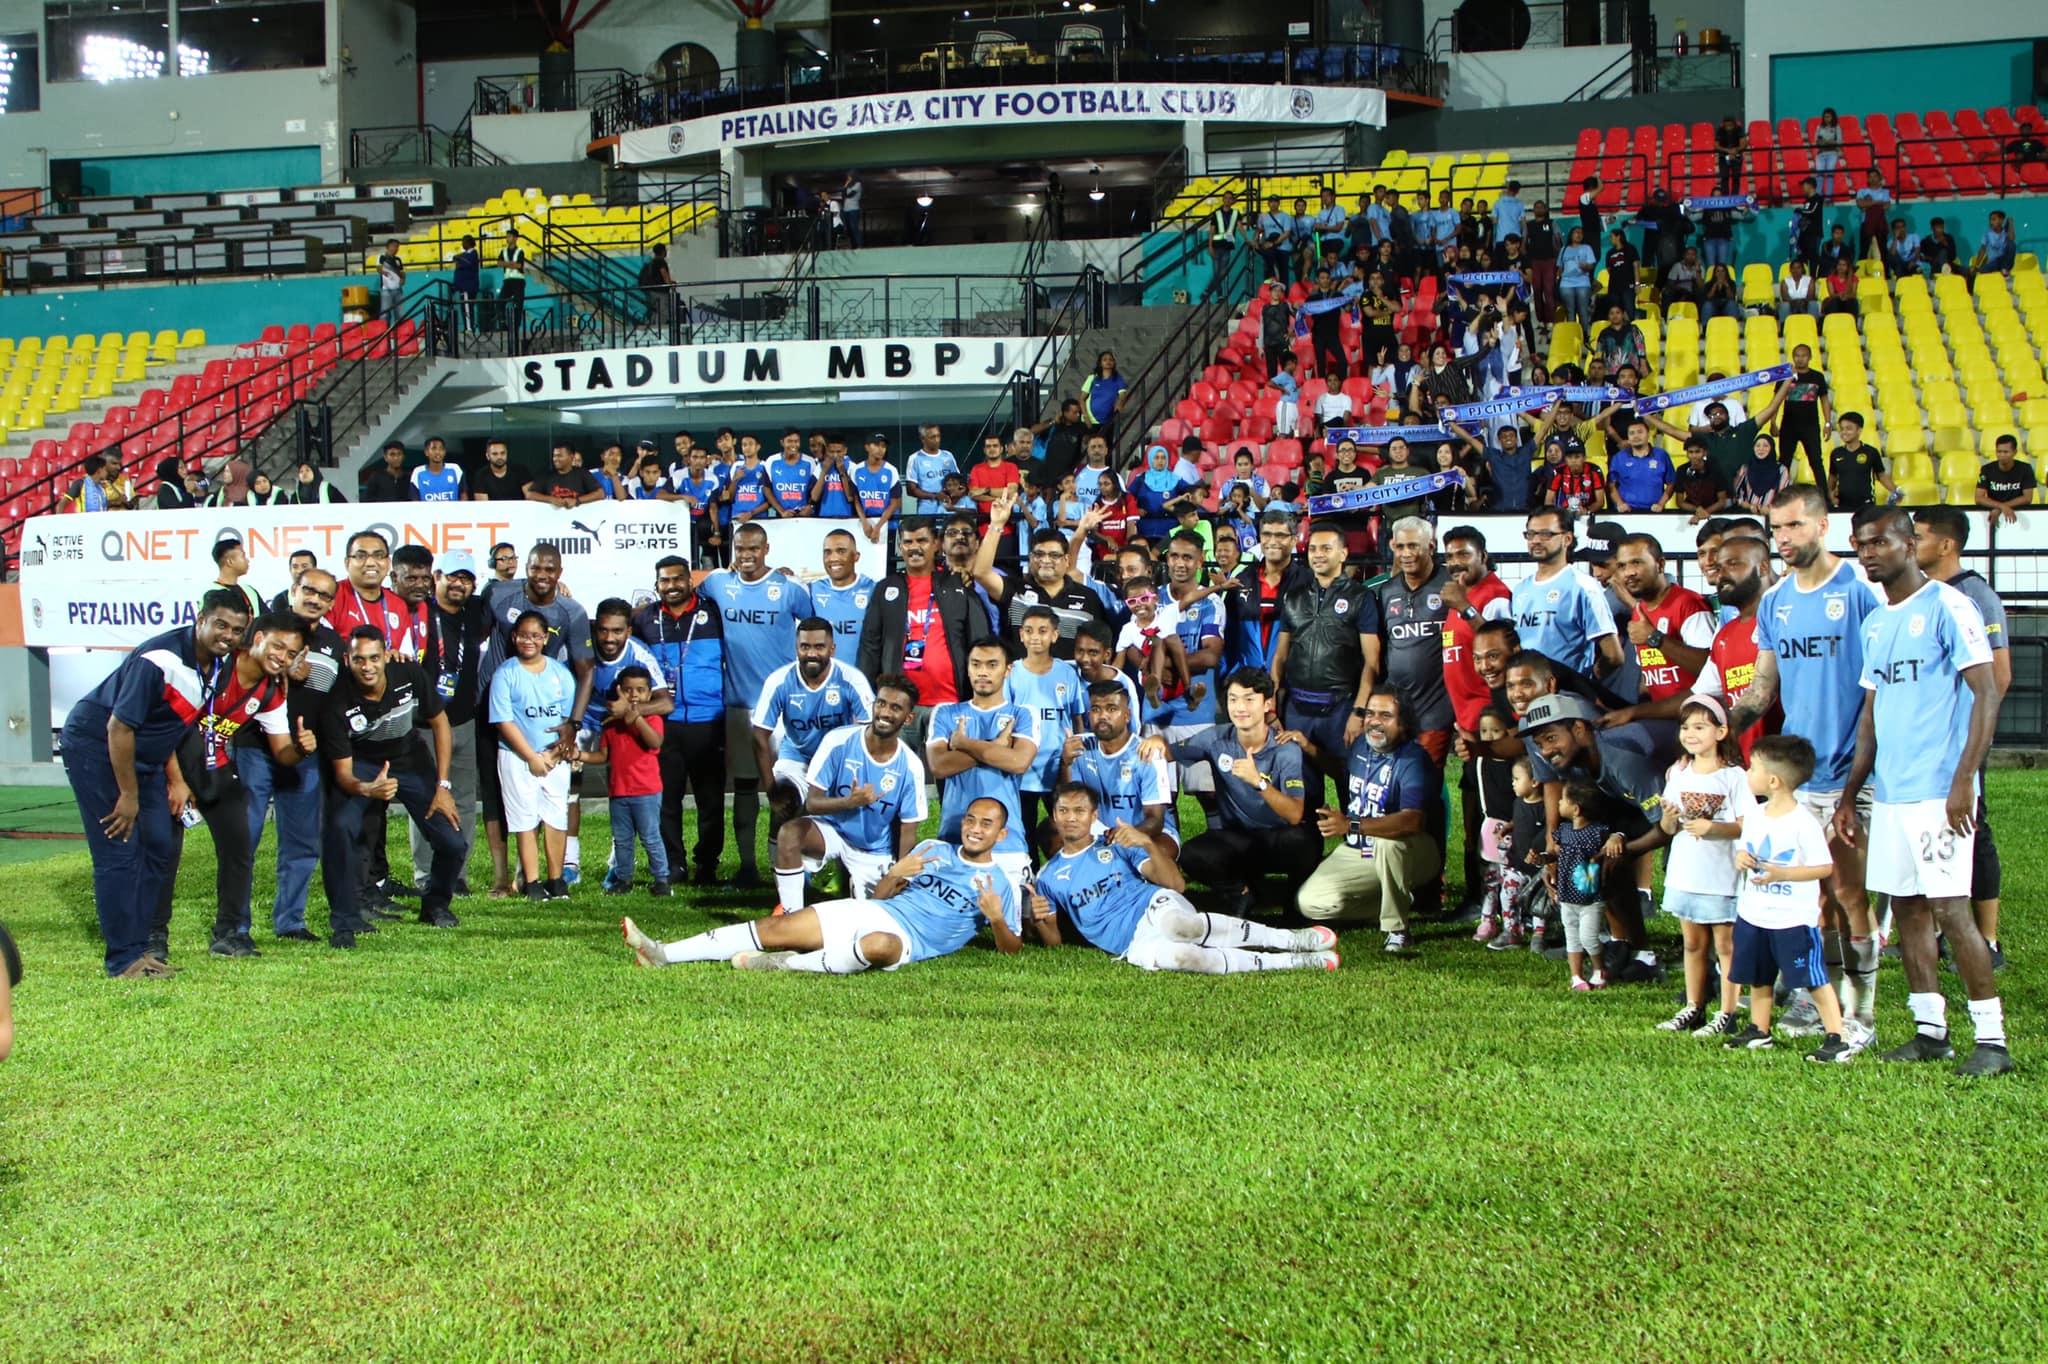 รวมยอดทีมผลัดโฉมใหม่ ฟอร์มโหดเว่อร์ซีซั่น 2019 จากรอบ อาเซียน